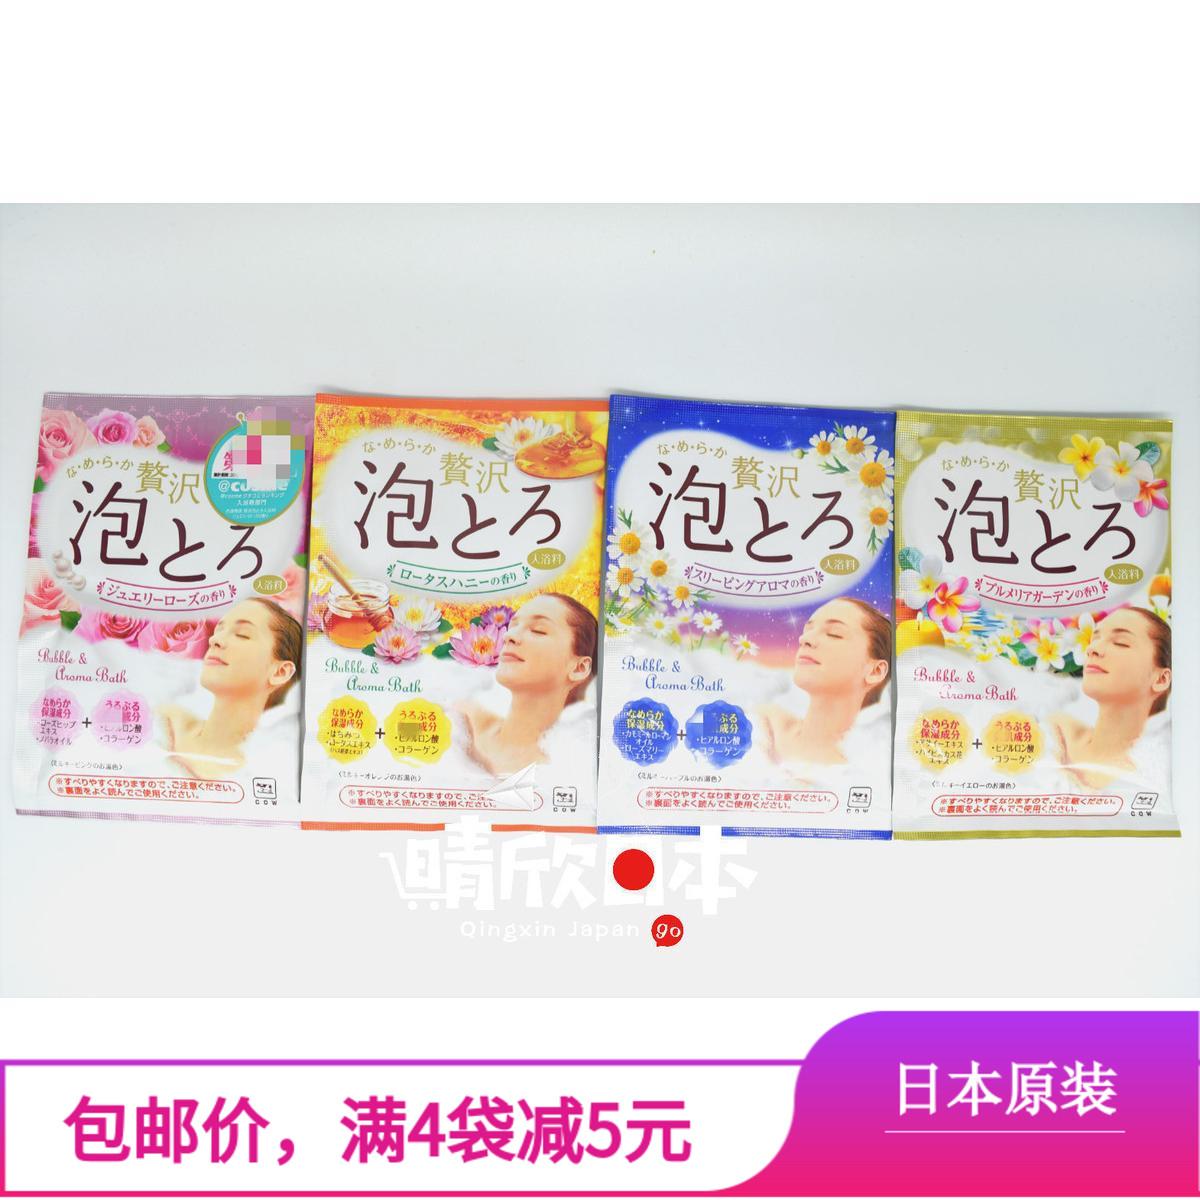 現貨日本COW牛乳石鹼膠原蛋白泡澡浴鹽玫瑰泡泡浴沐浴入浴劑 包郵